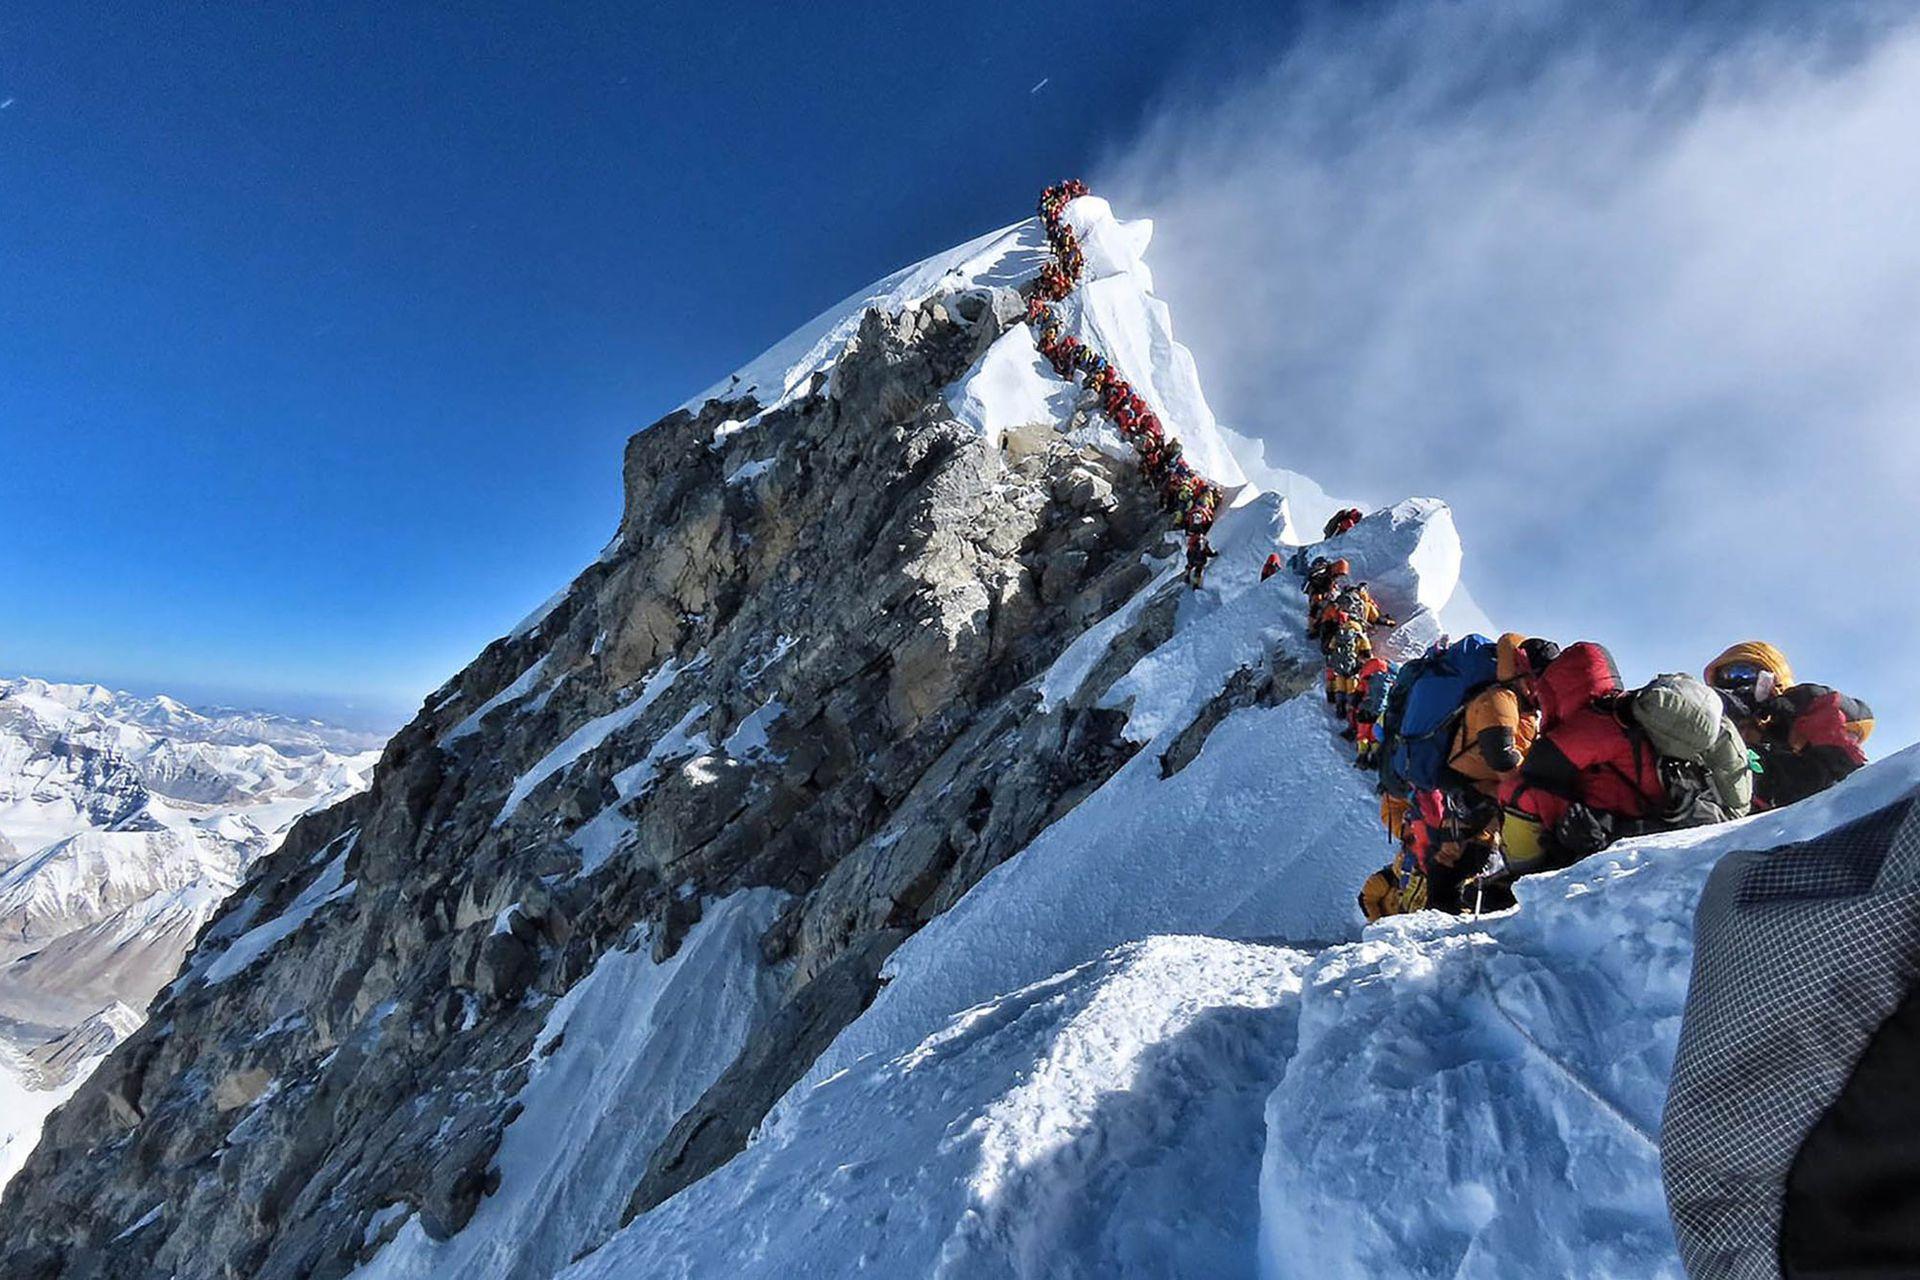 La foto del embotellamiento rumbo a la cima del Everest, del pasado 22 de mayo.